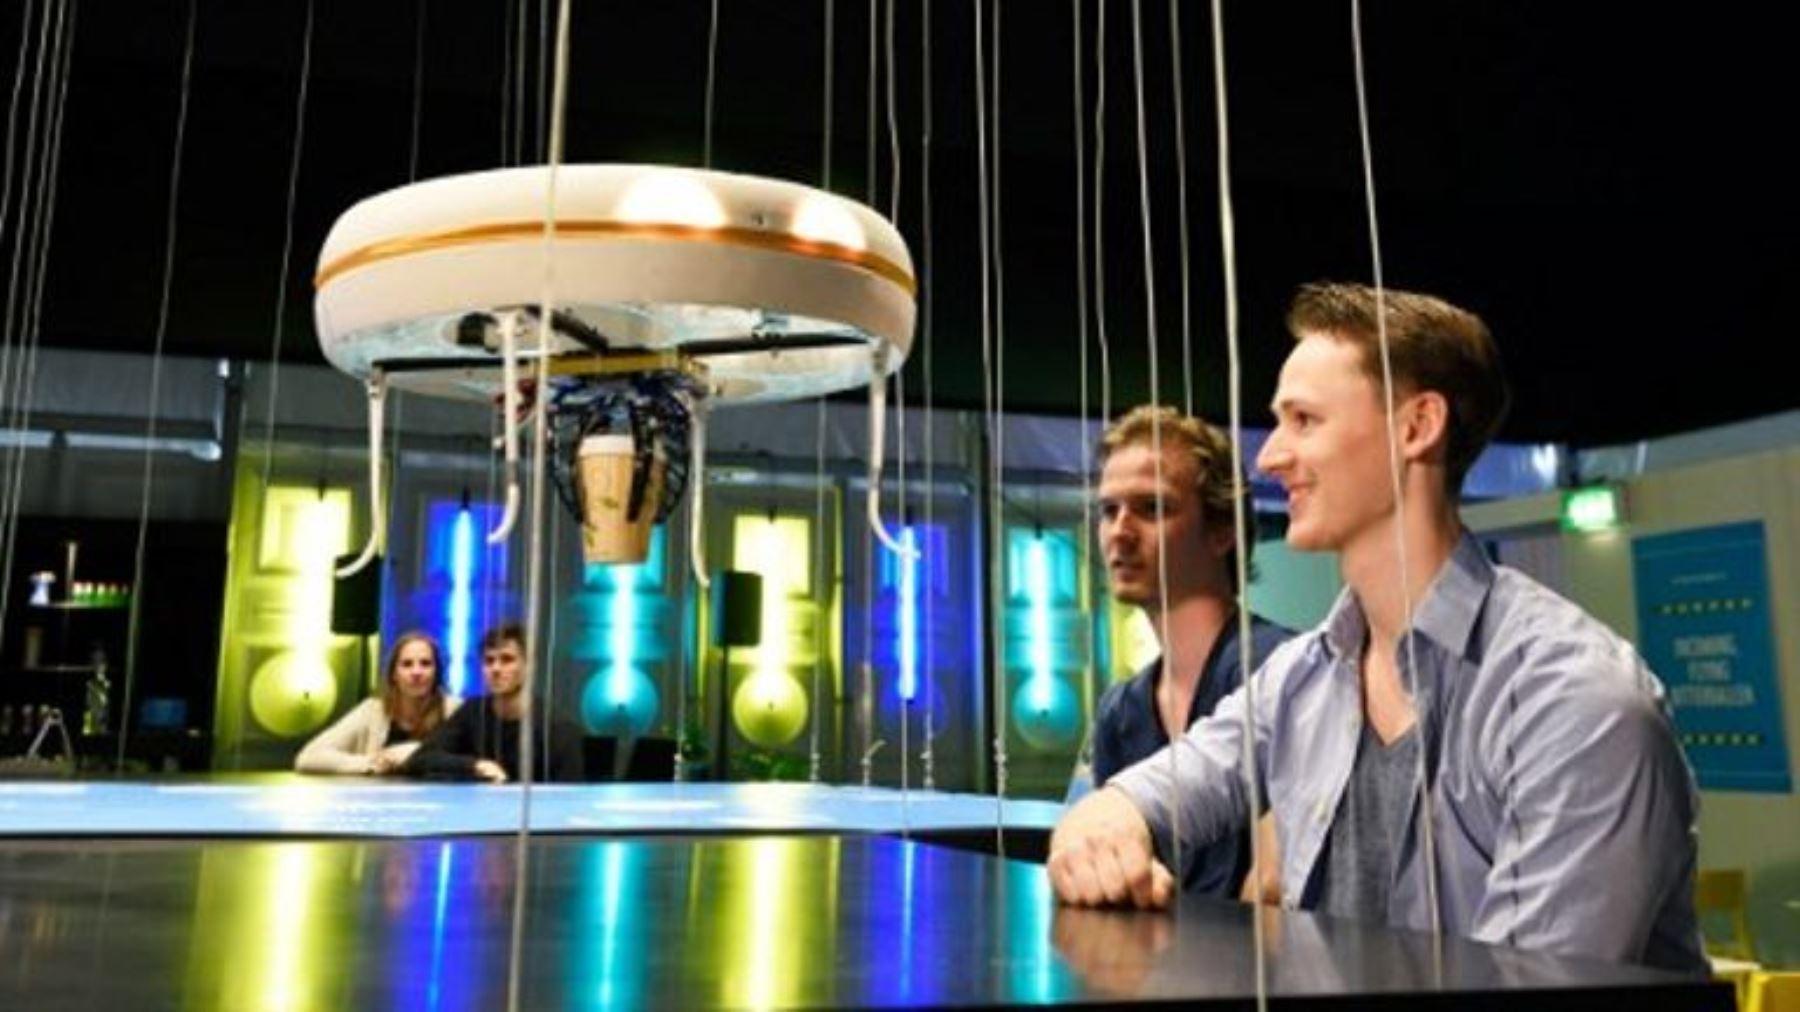 """Abre el primer """"Dron Café"""" del mundo en una universidad holandesa. Foto: INTERNET/Medios"""